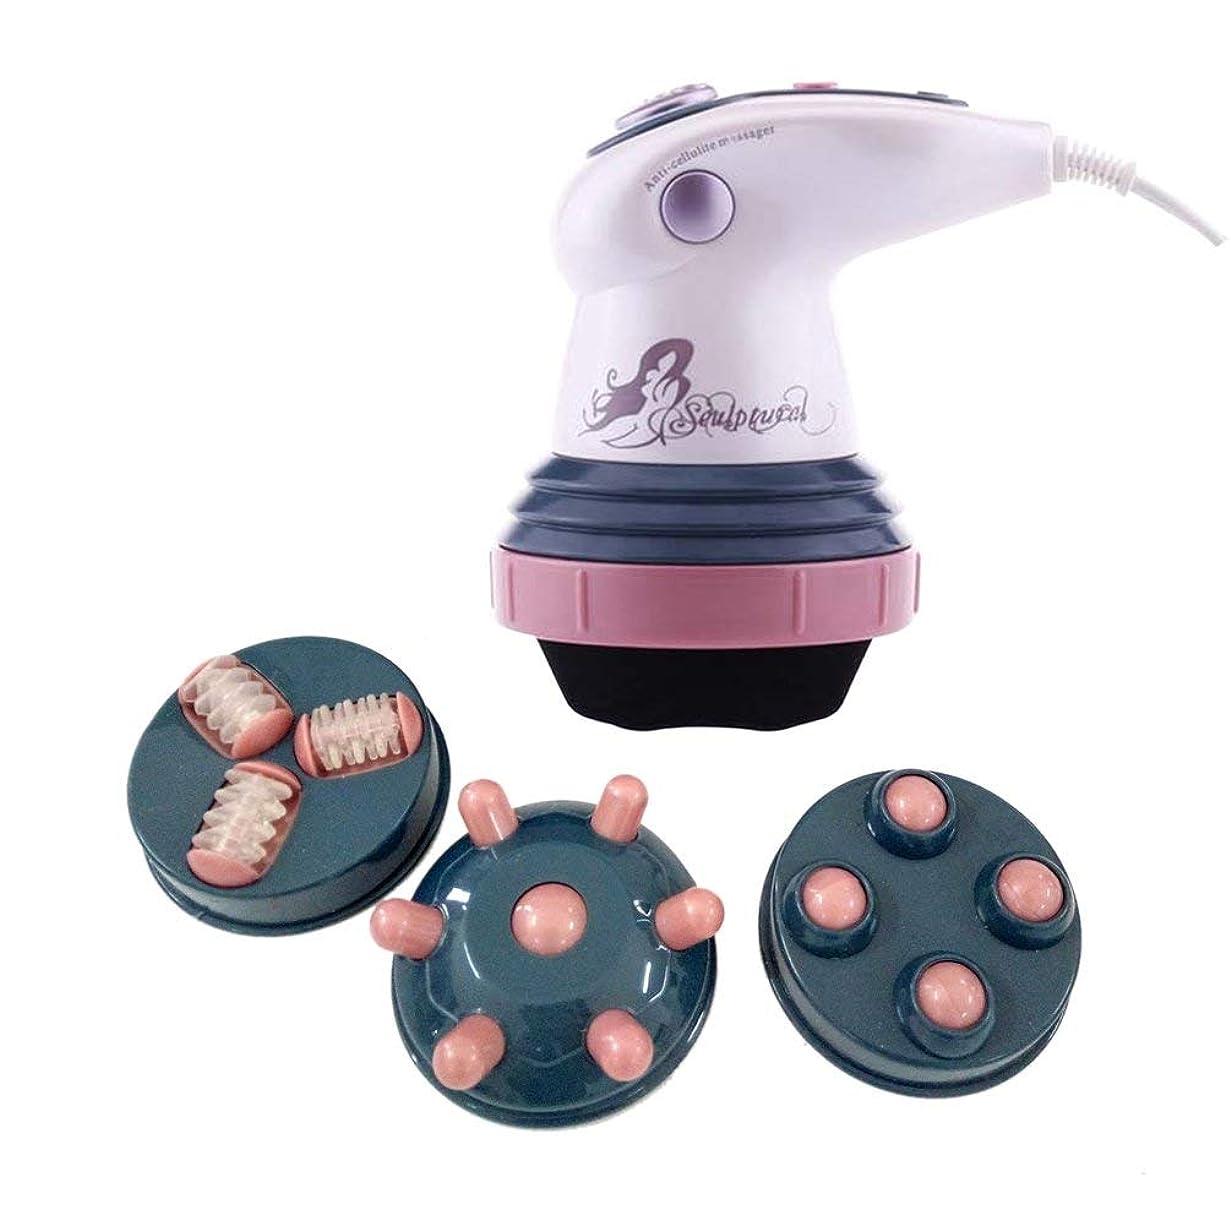 ダーベビルのテスふくろうケイ素低雑音の赤外線電気脂肪燃焼はボディスリミングマッサージャー抗セルライトボディマッサージ機を削除します - ピンク